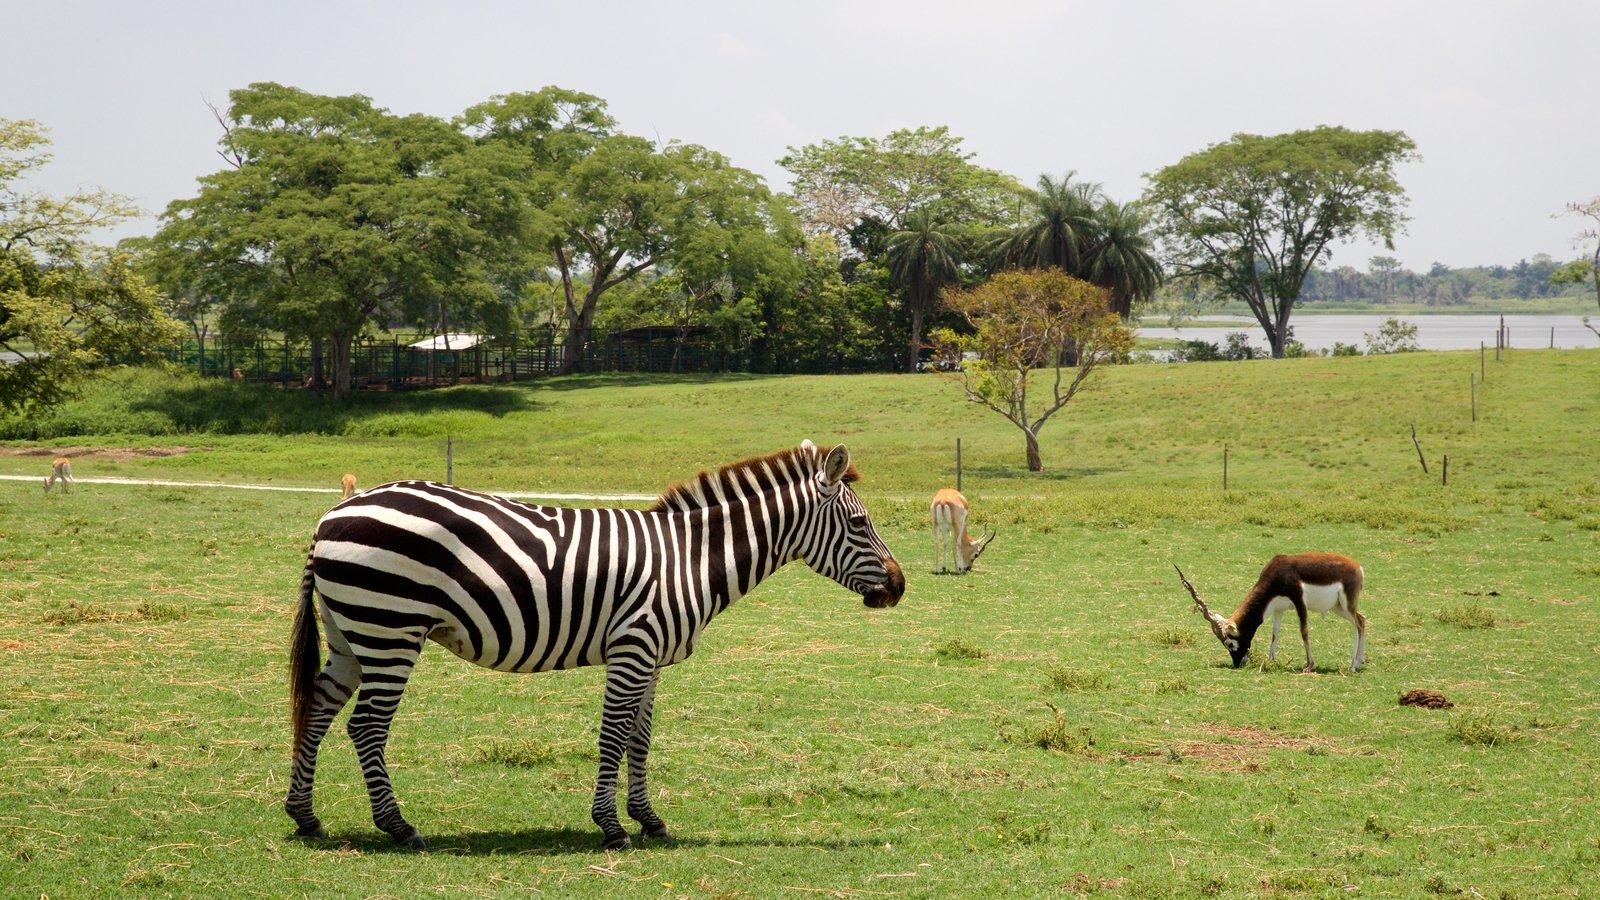 En Yumka' se estableció un zoológico tipo safari